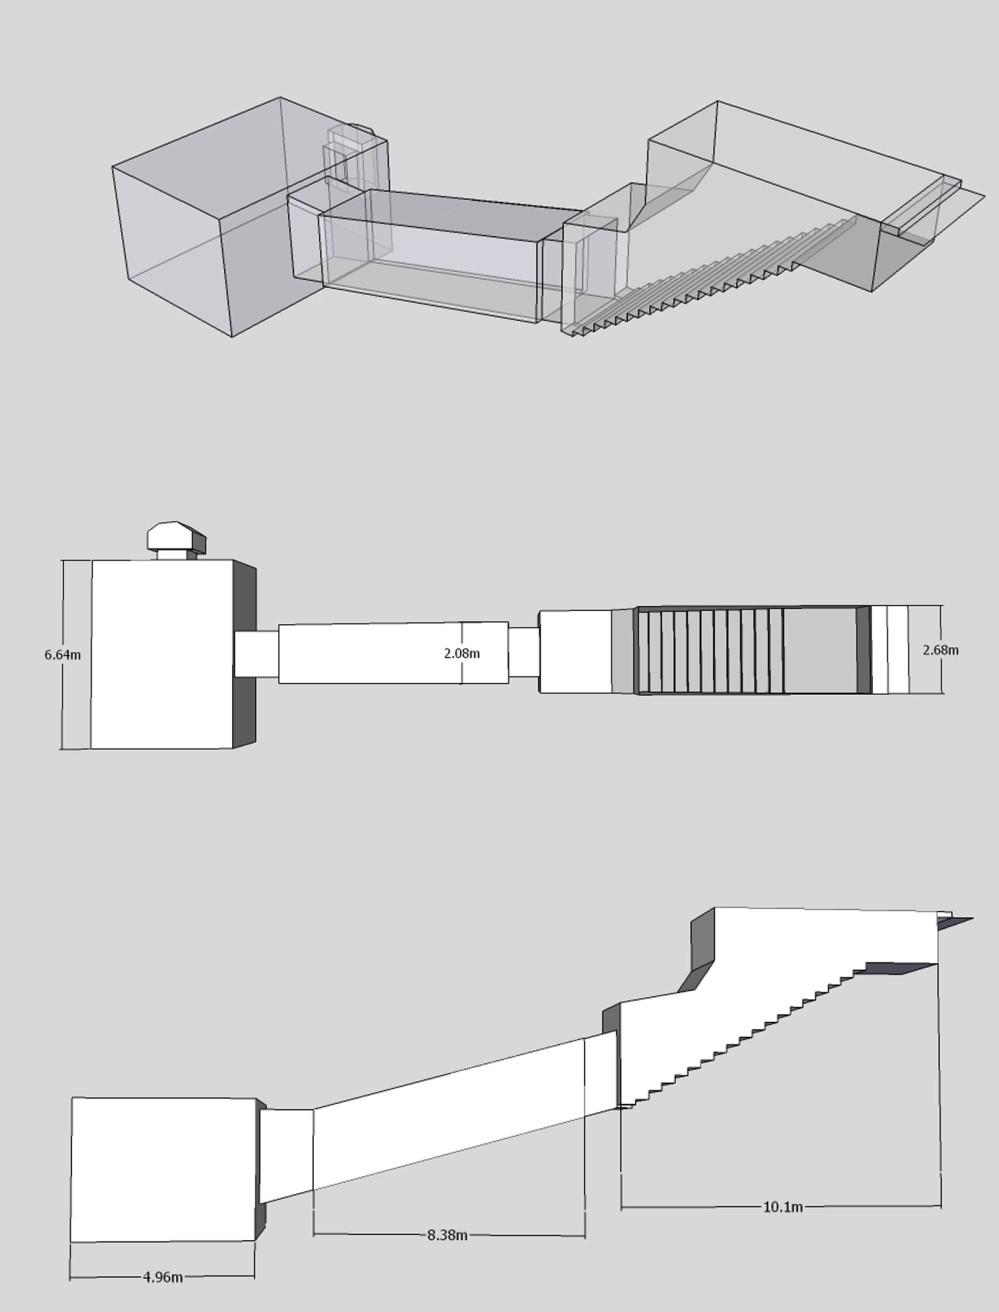 128. KV55 tomb (wikimedia)